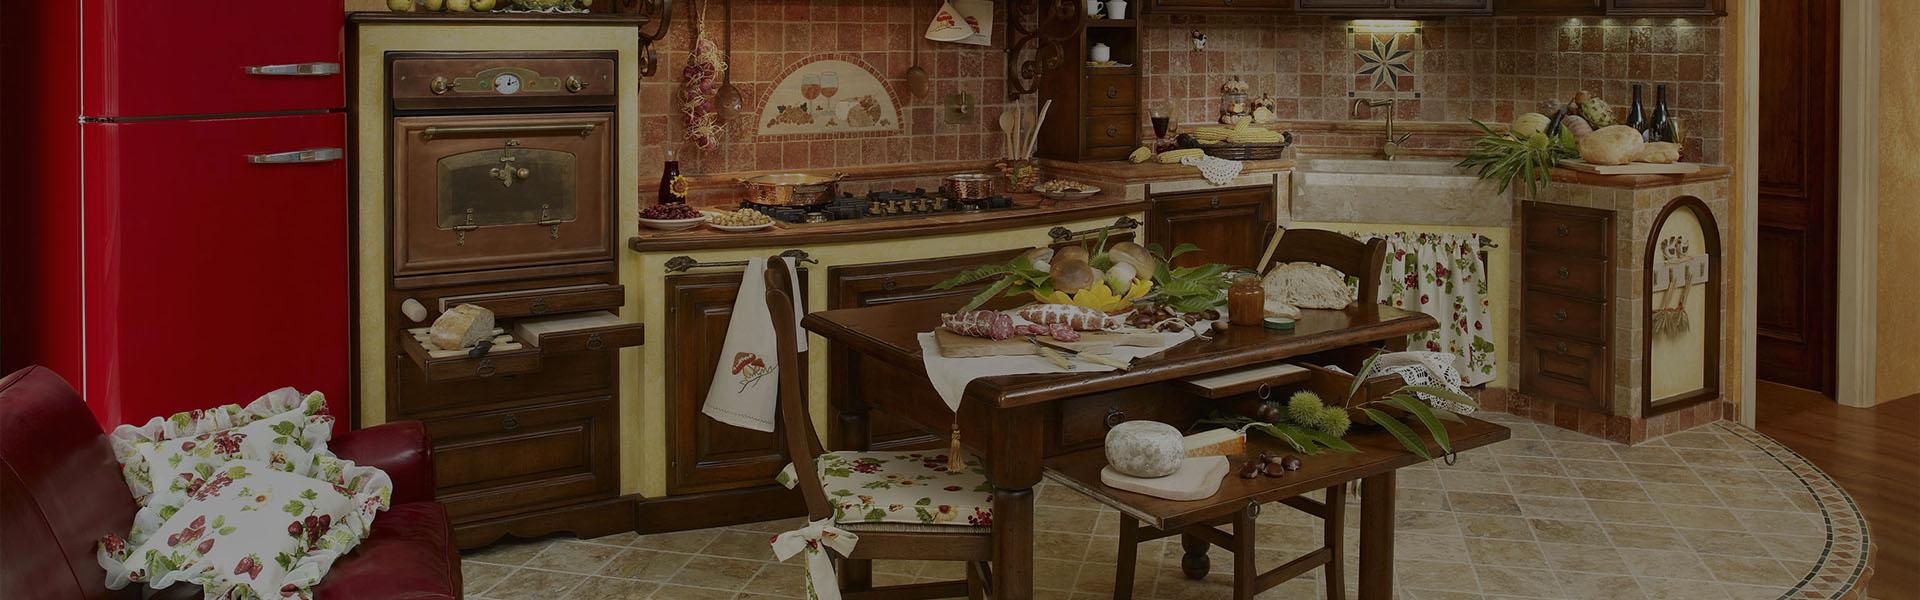 Cucine Rustiche in Muratura  Fonte del Rustico